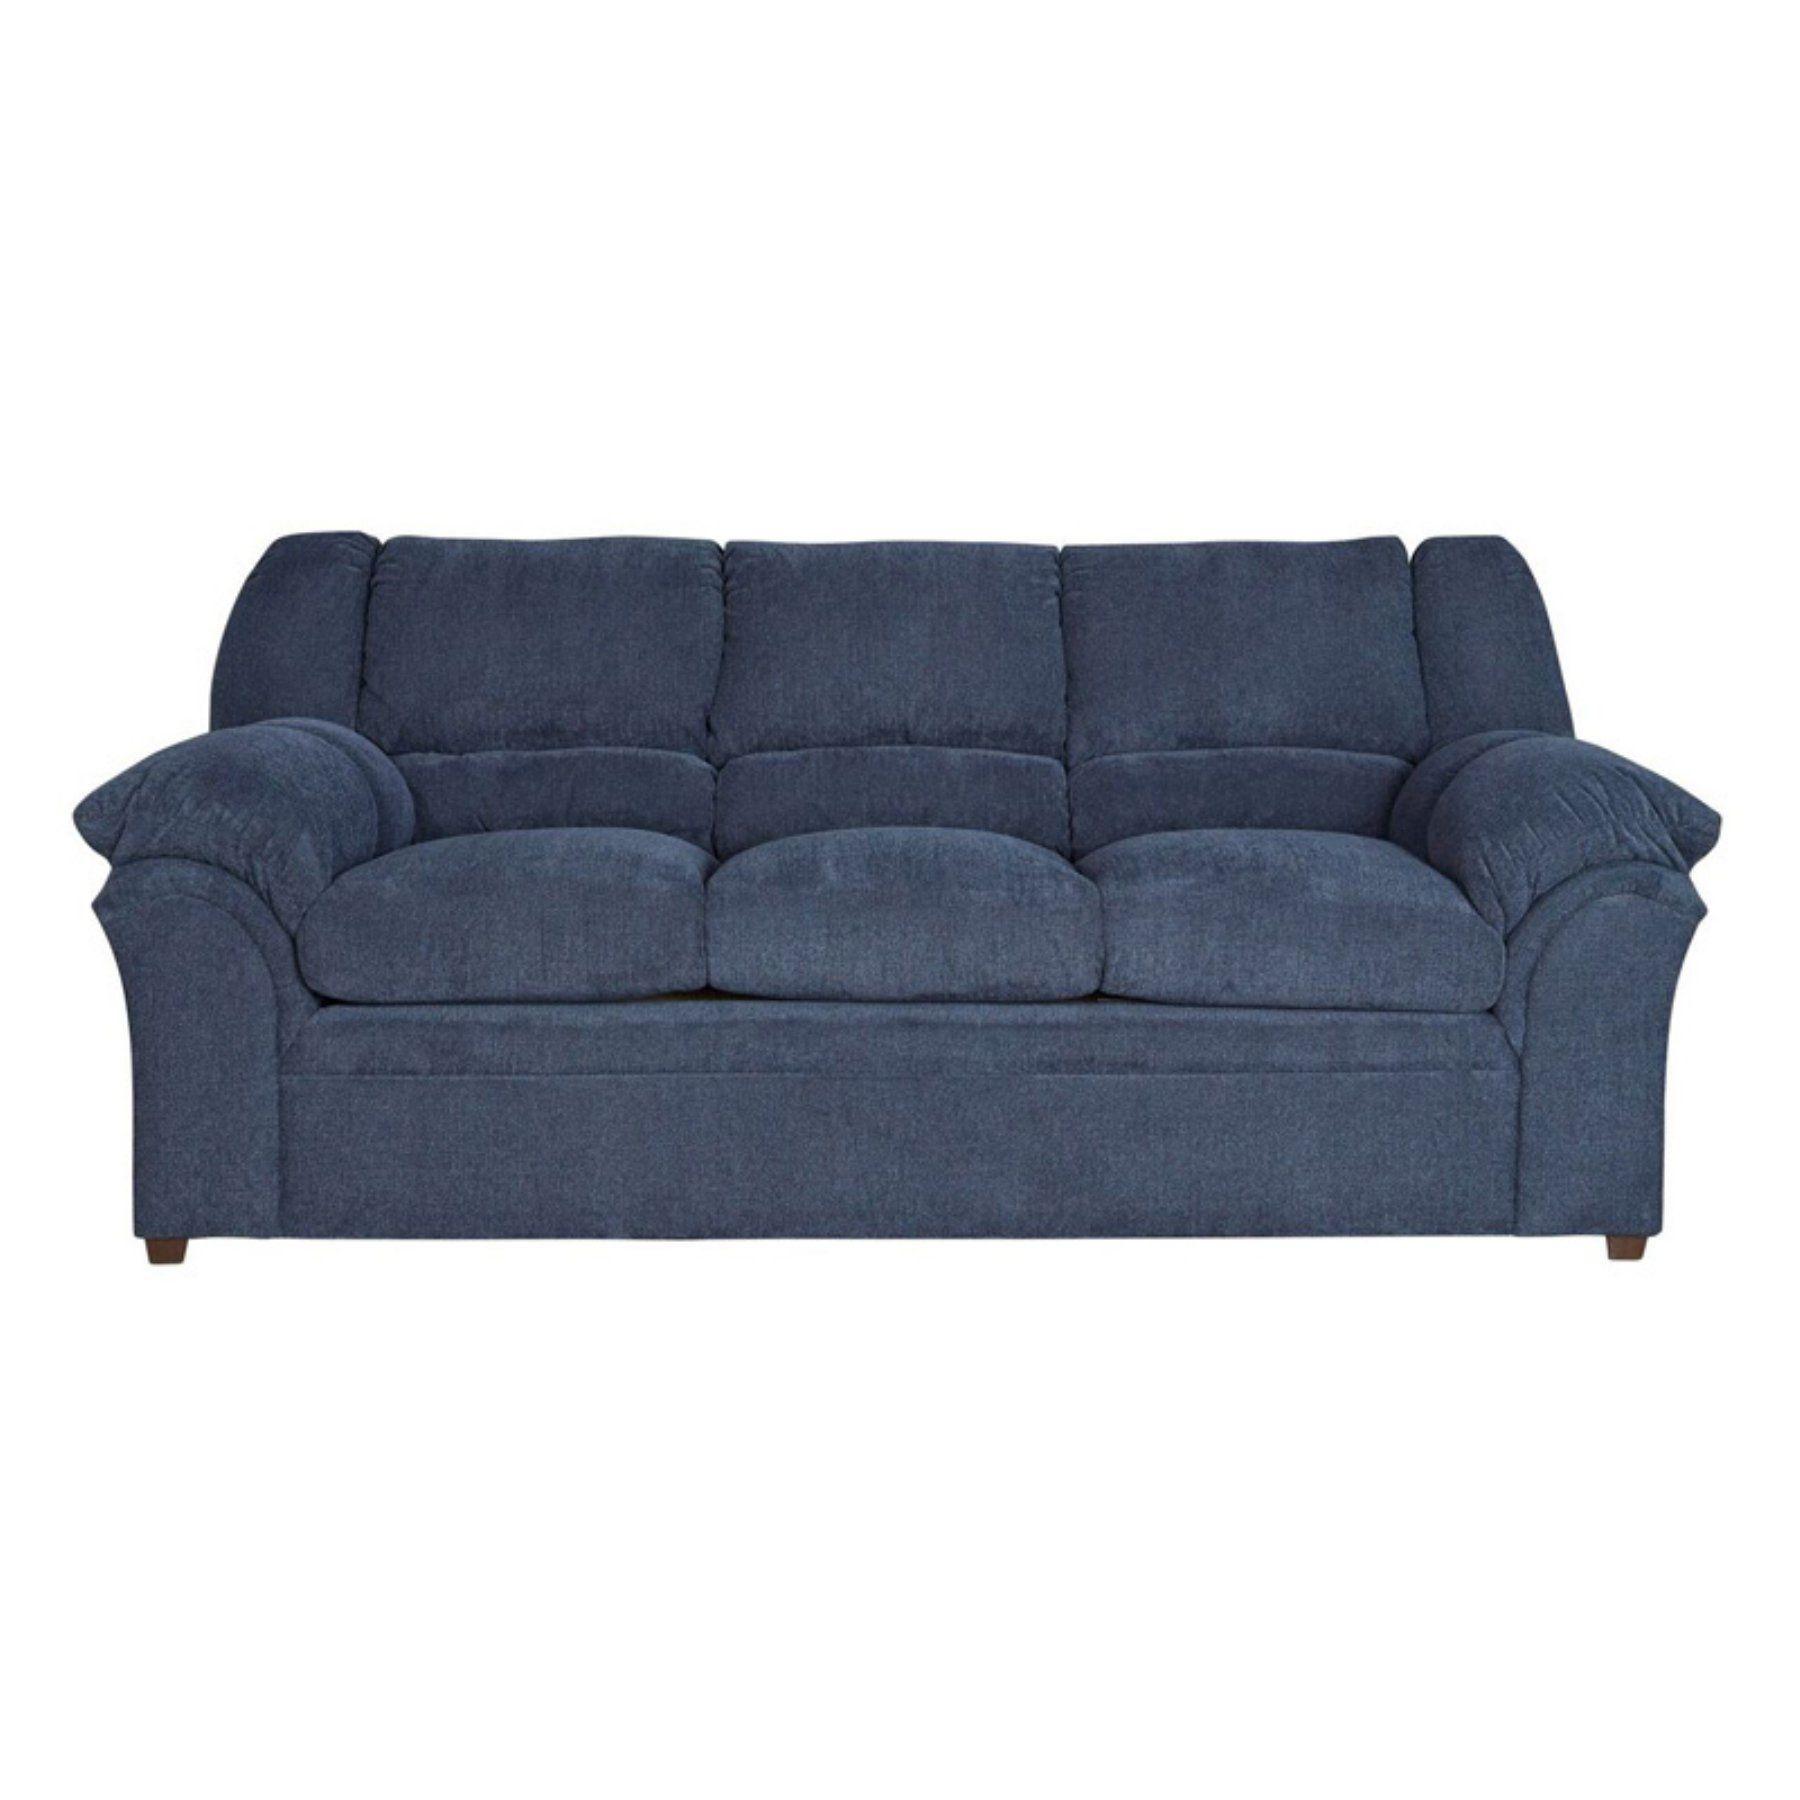 Progressive Big Ben Sofa Blue Sofa Furniture Sofa